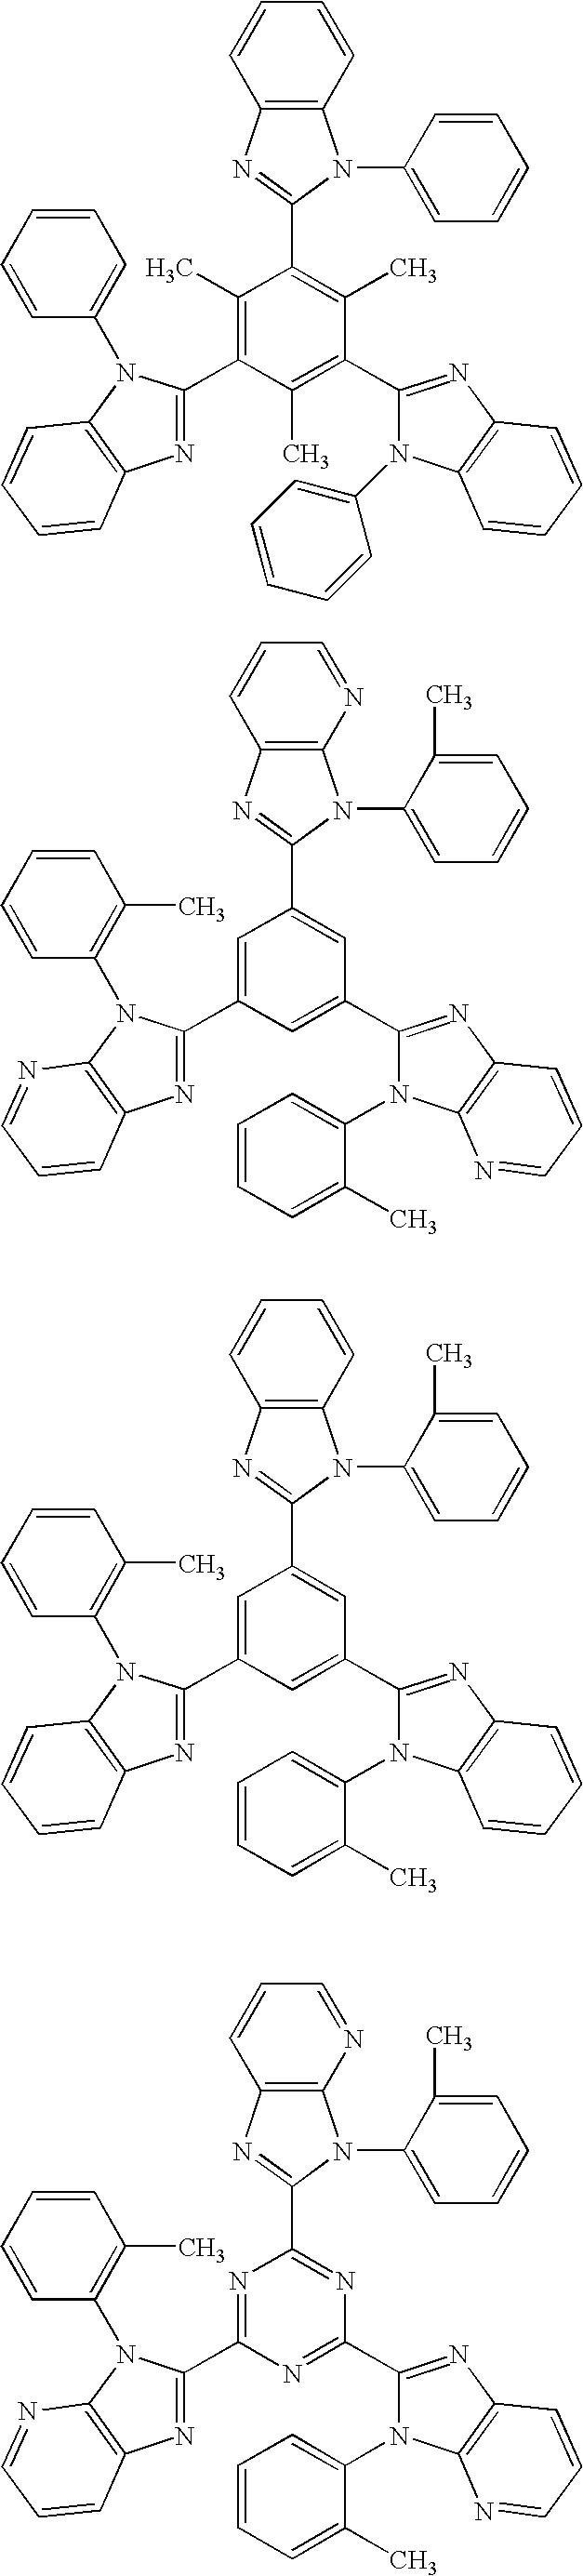 Figure US20070069638A1-20070329-C00025